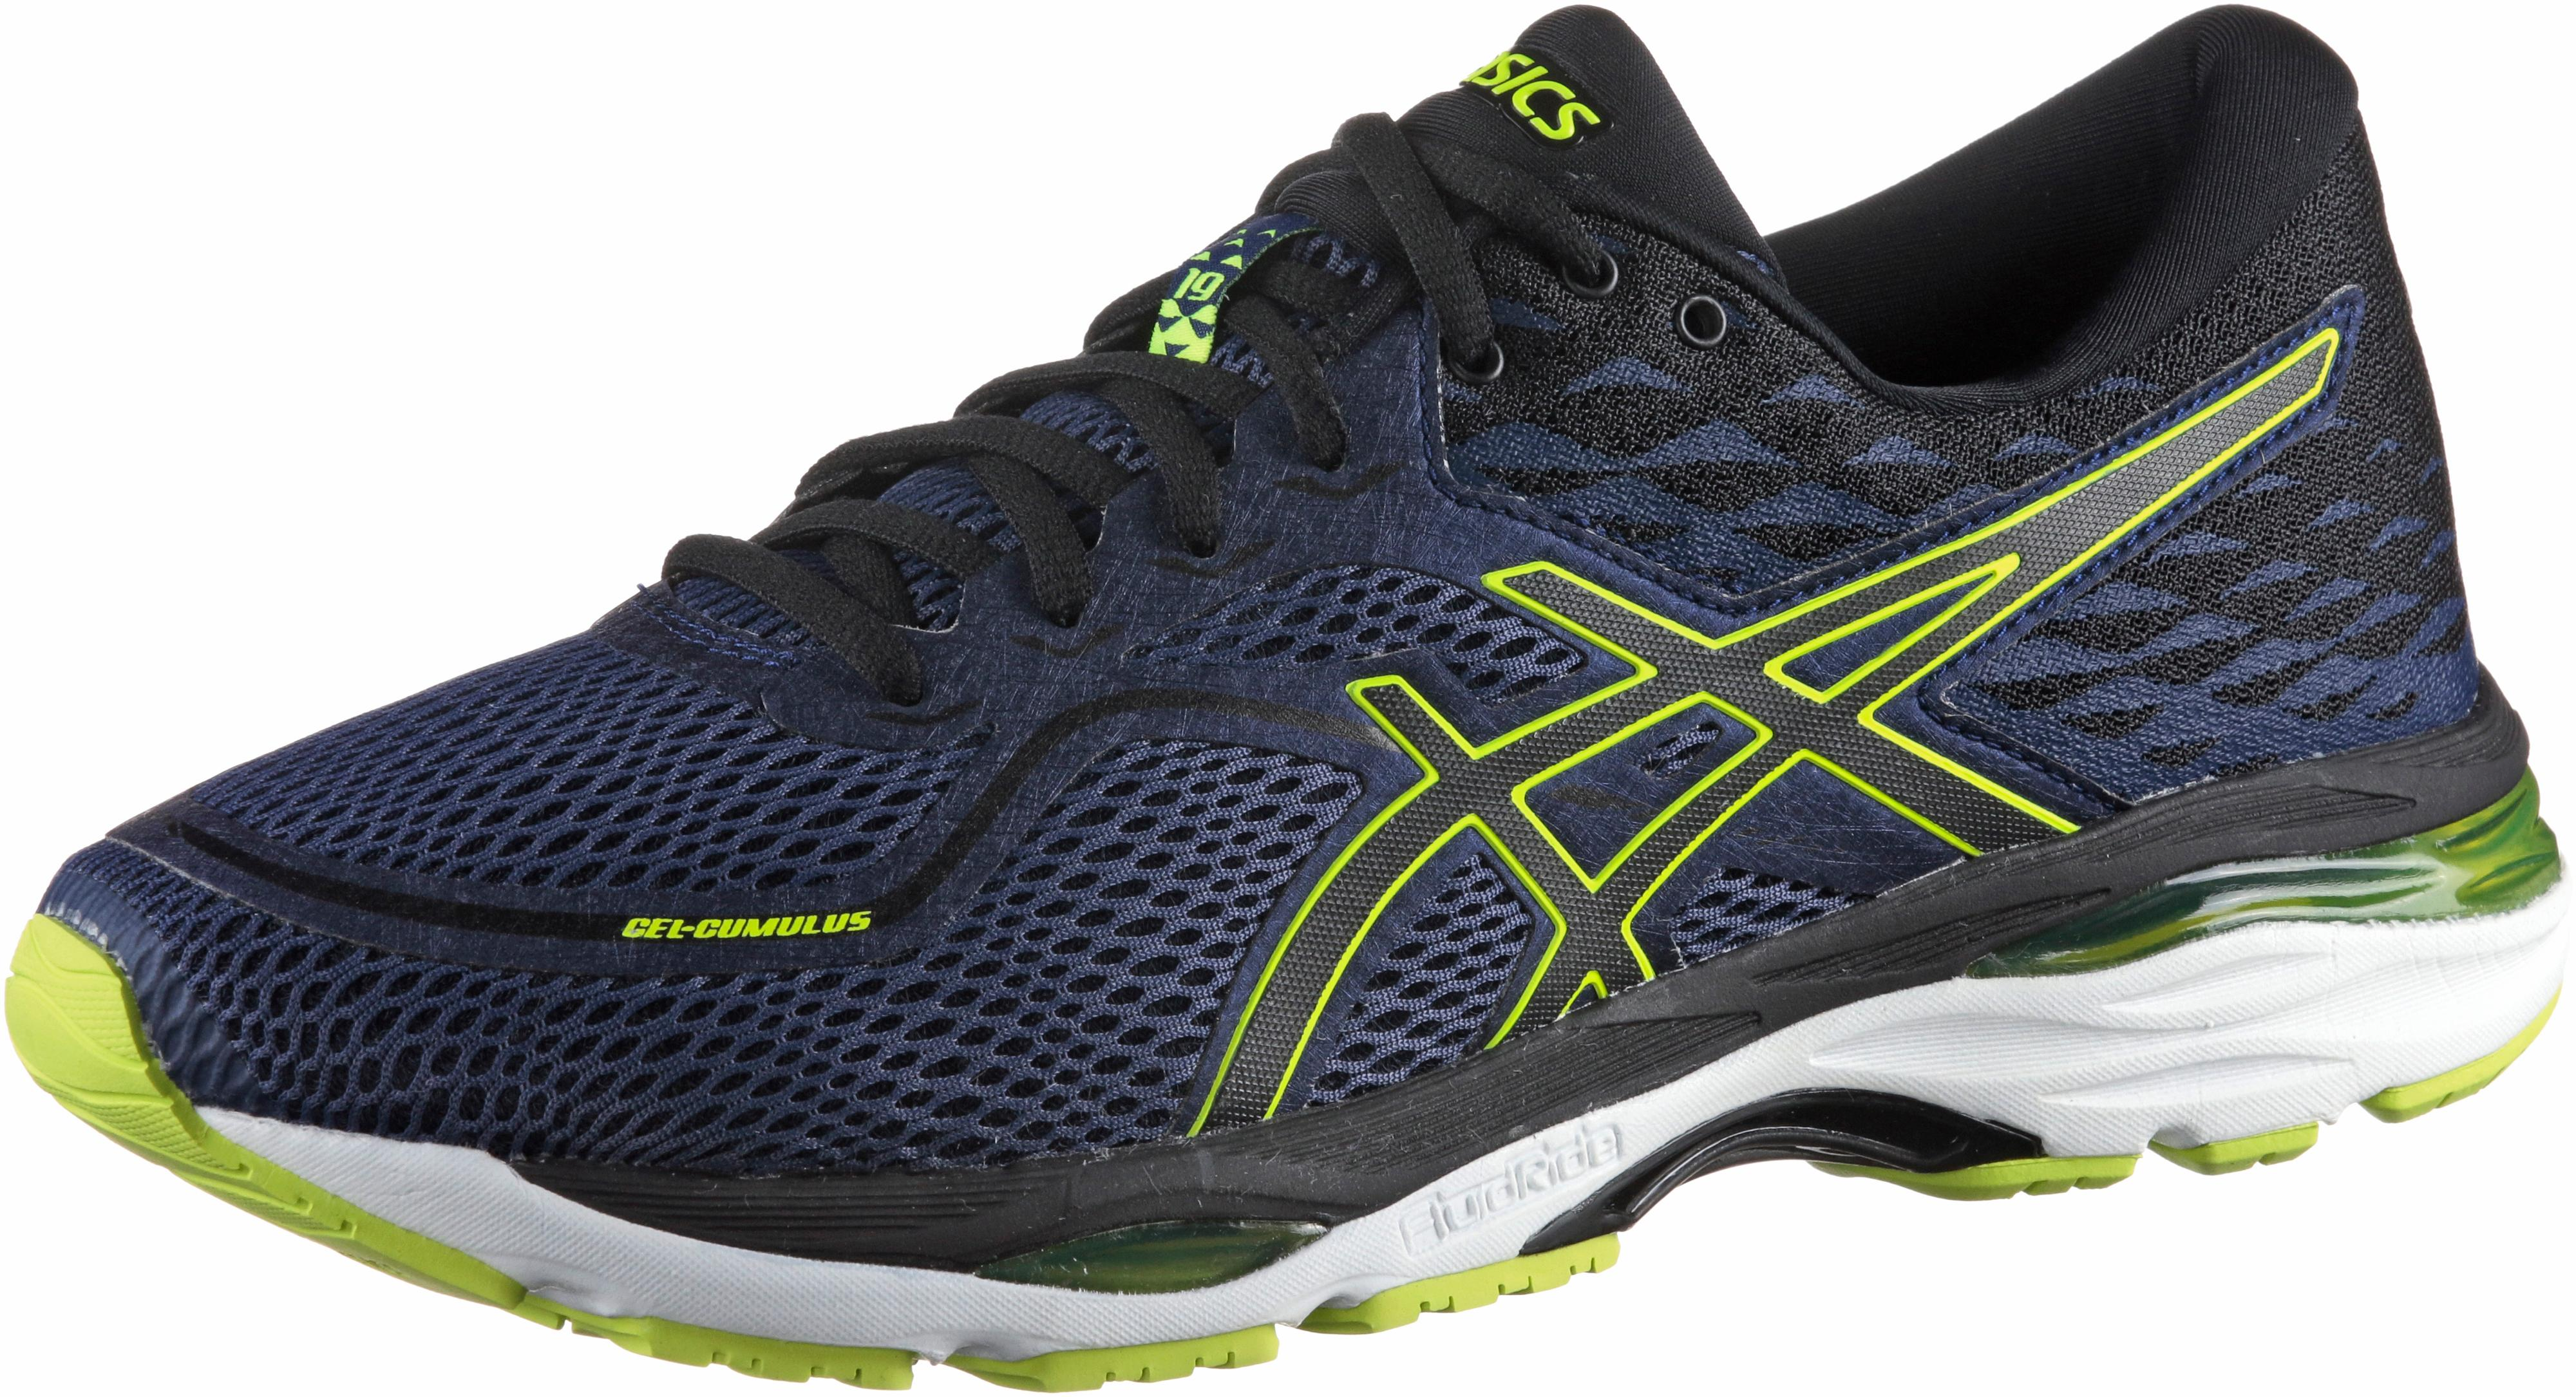 ASICS GEL-CUMULUS 19 Laufschuhe Herren indigo blue-black-safety yellow im  Online Shop von SportScheck kaufen